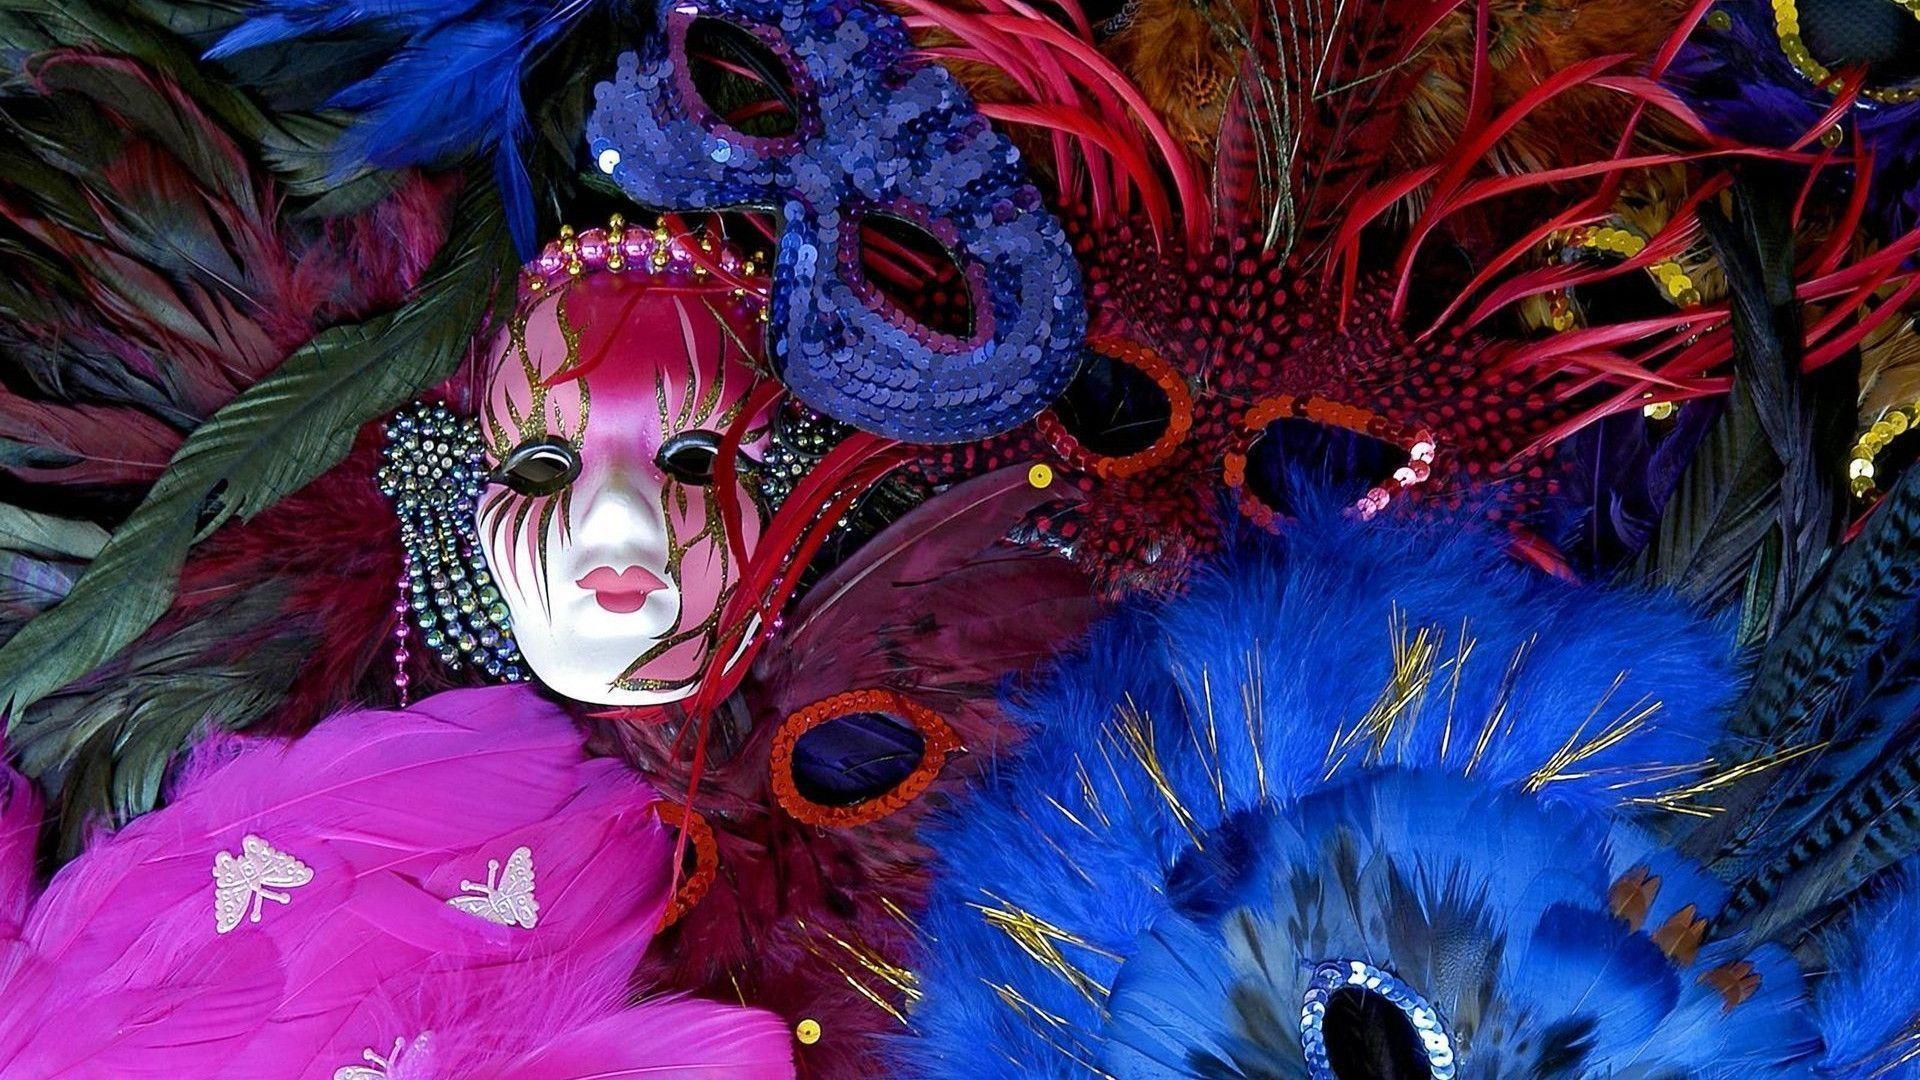 Fotos de disfraces de carnaval 2013 77